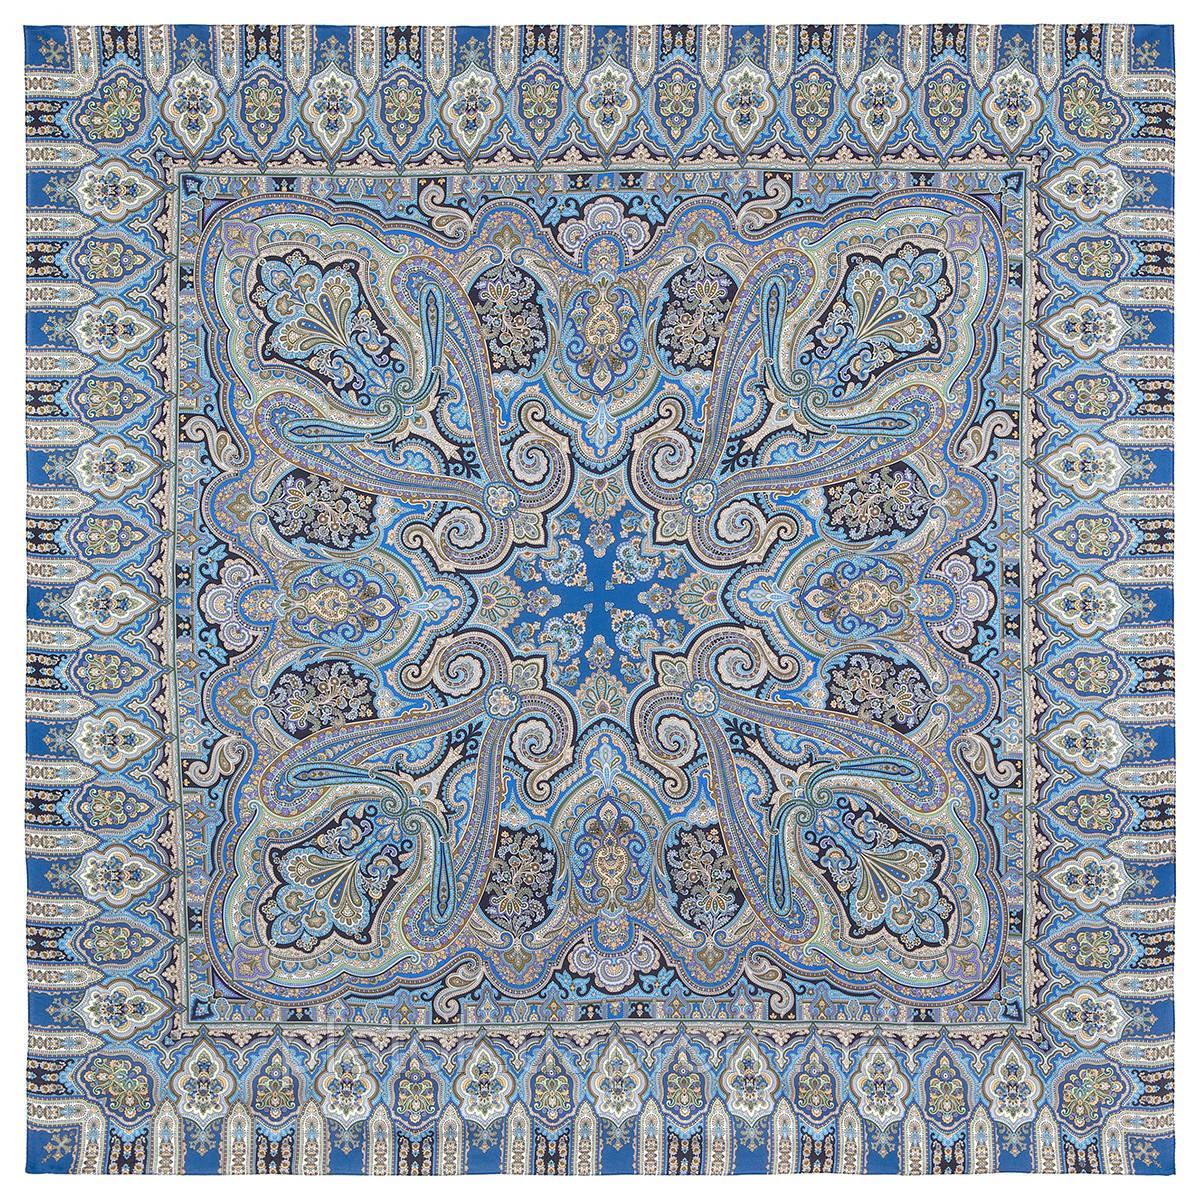 Фергана 1856-14, павлопосадский платок из вискозы с подрубкой